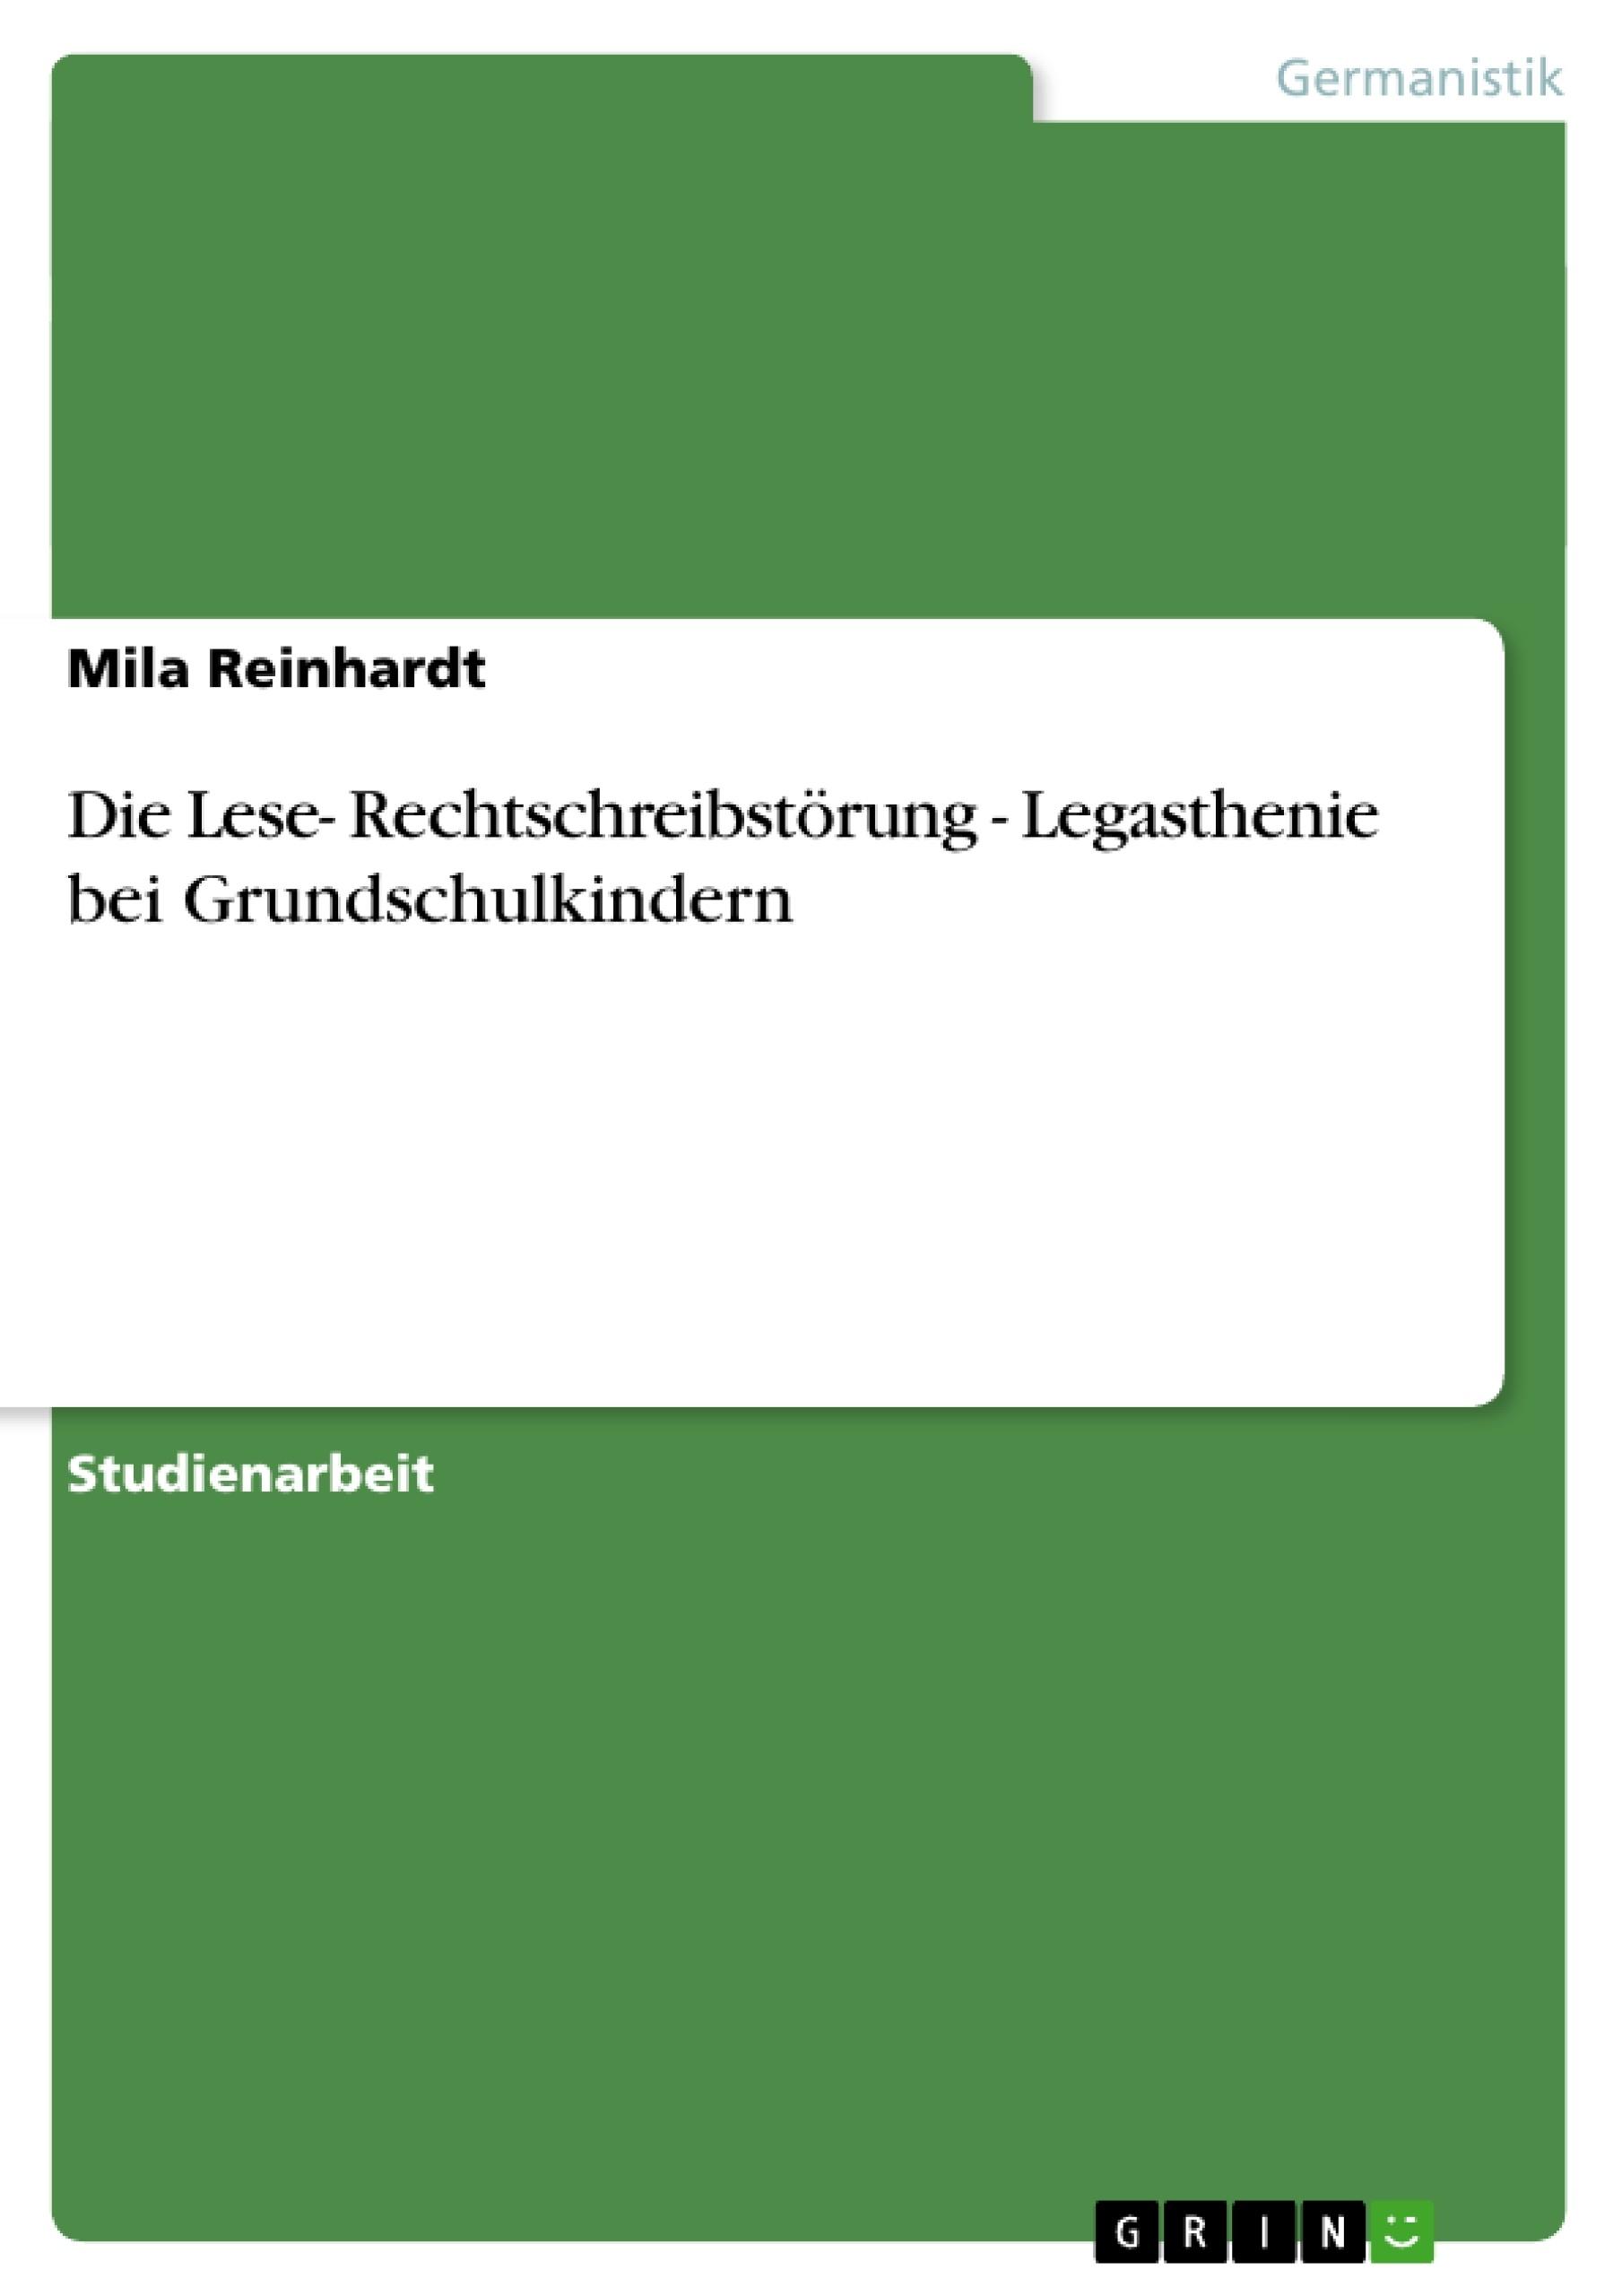 Titel: Die Lese- Rechtschreibstörung  -  Legasthenie bei Grundschulkindern